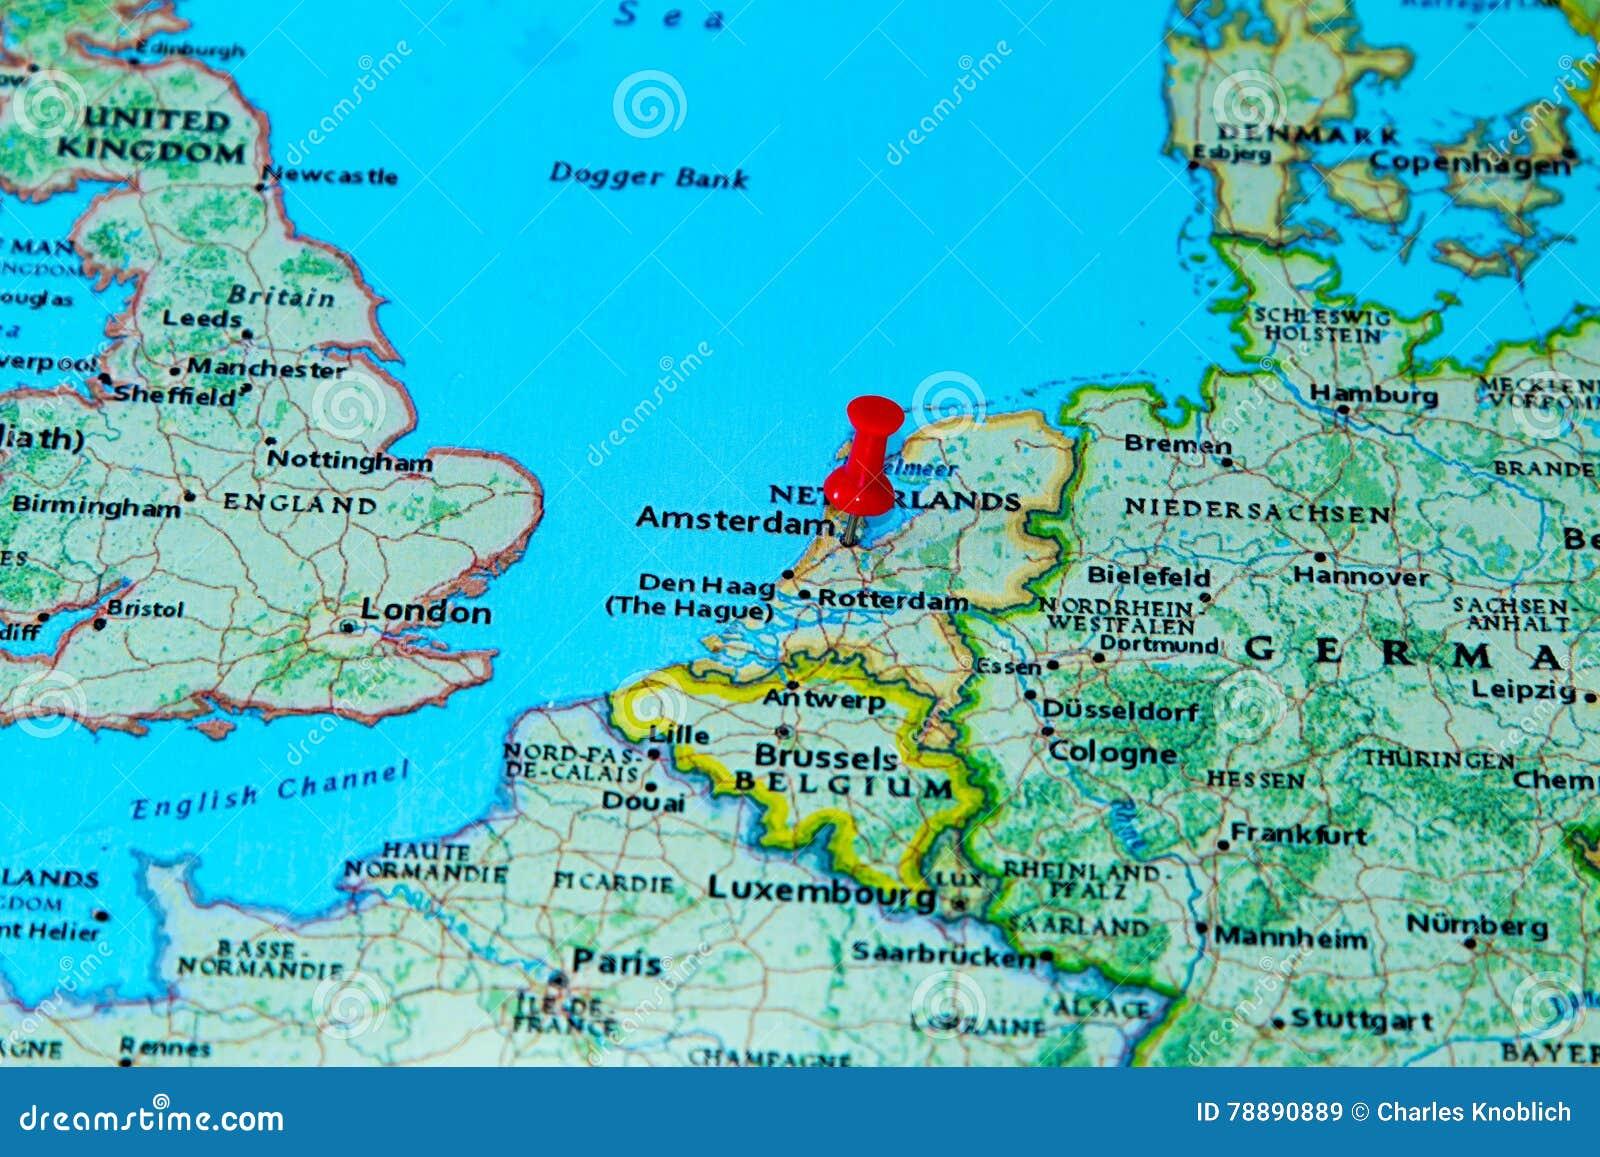 Carte De Leurope Pays Bas.Amsterdam Pays Bas A Goupille Sur Une Carte De L Europe